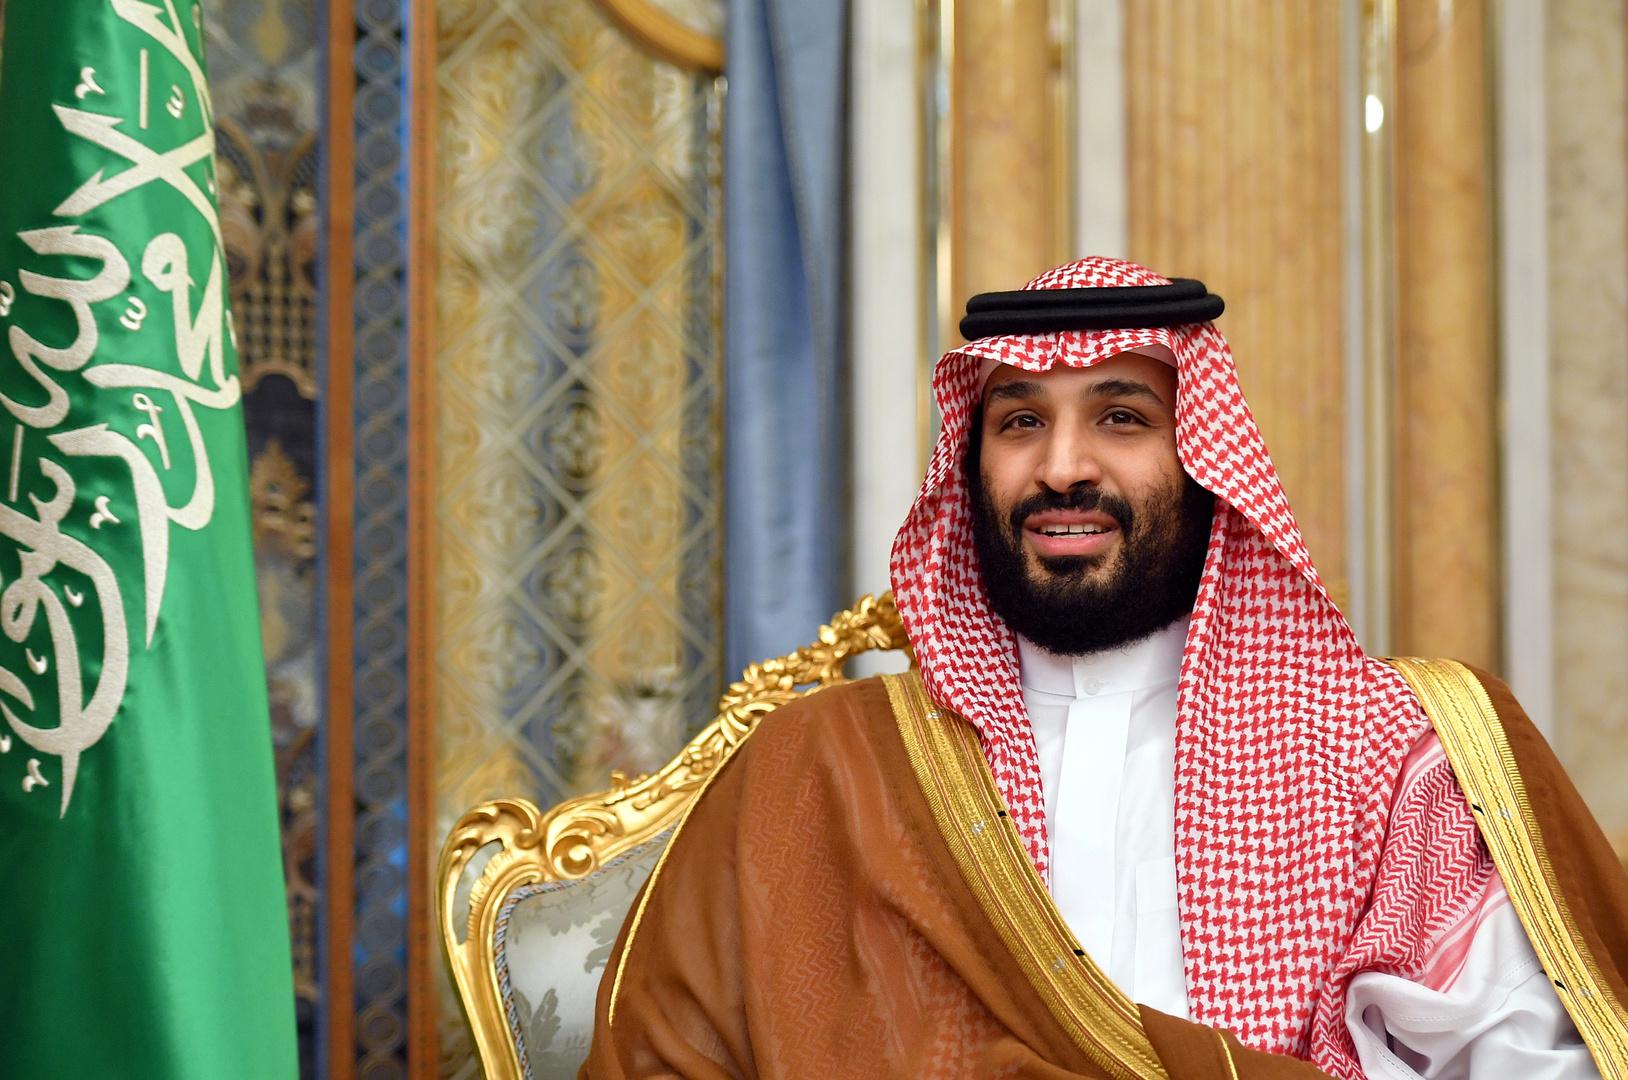 ولي العهد السعودي يطلق رصاصة الرحمة على المعارضة